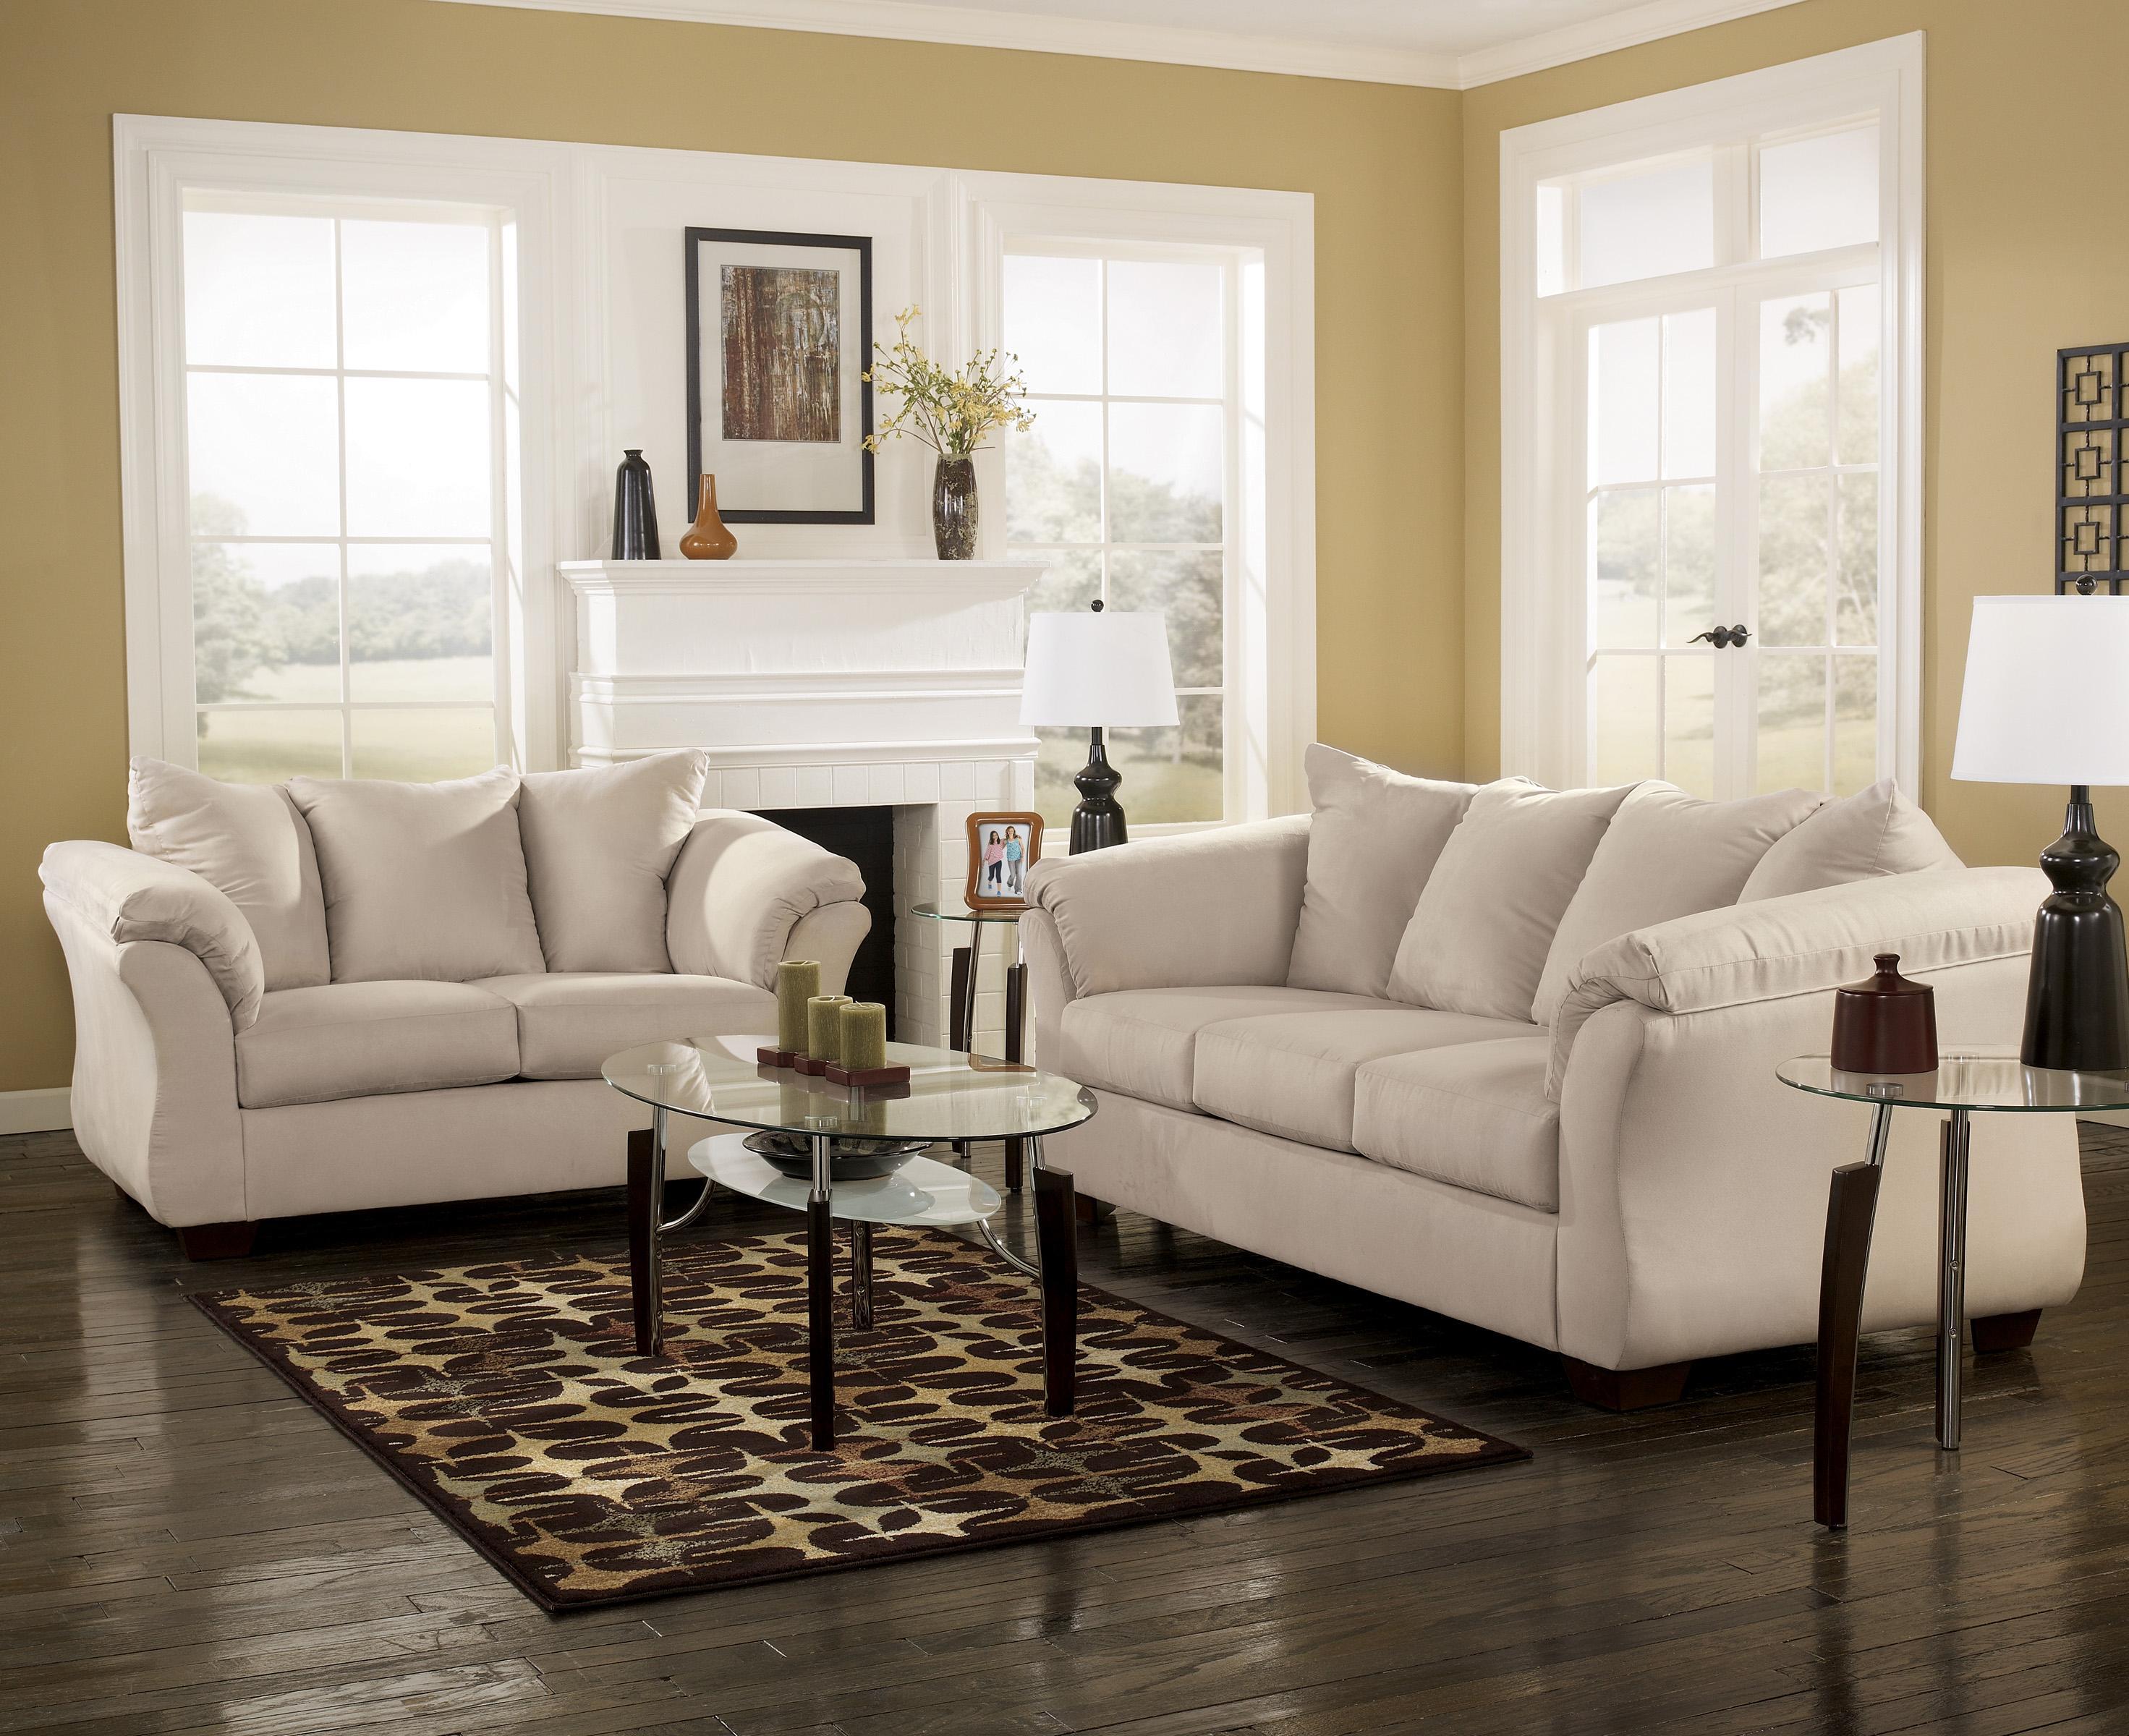 fabrizio futons best design chaise plan rustic amp of image couch denver decor futon lounges ideas